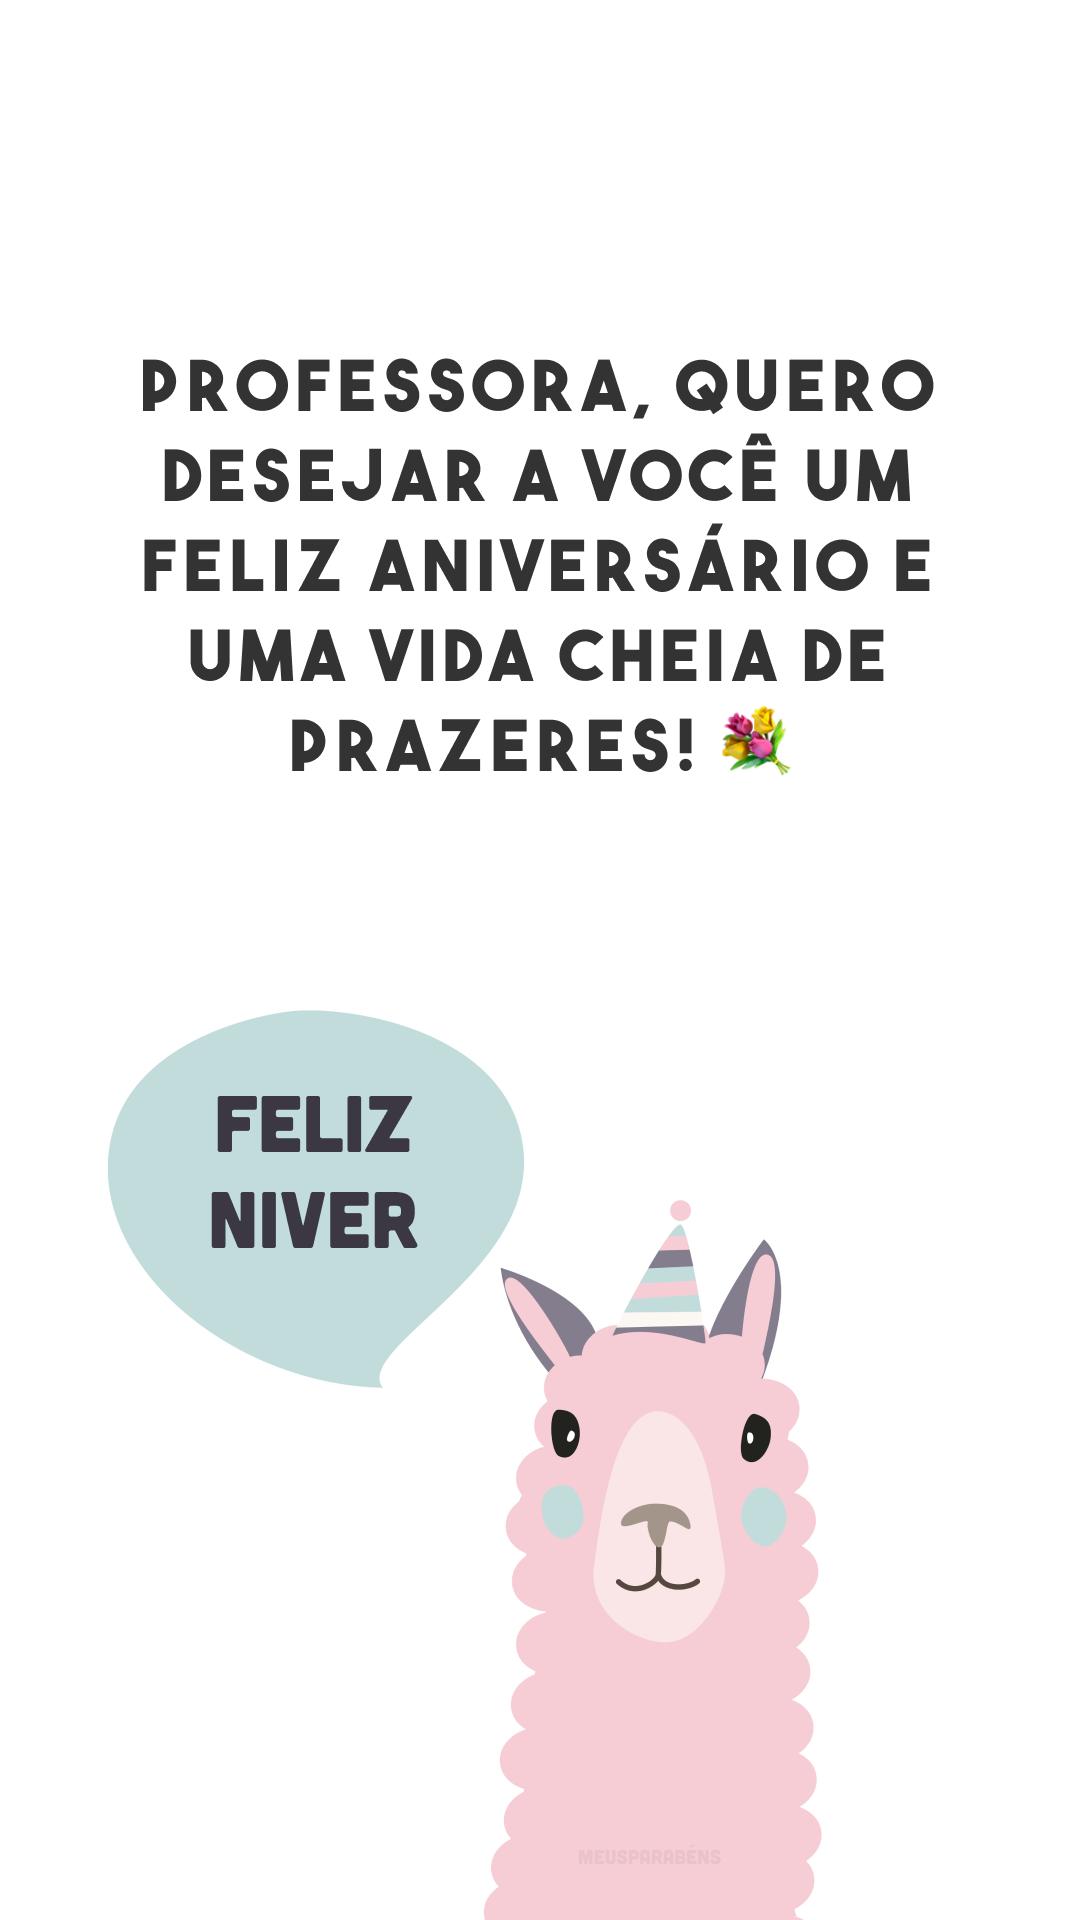 Professora, quero desejar a você um feliz aniversário e uma vida cheia de prazeres! 💐